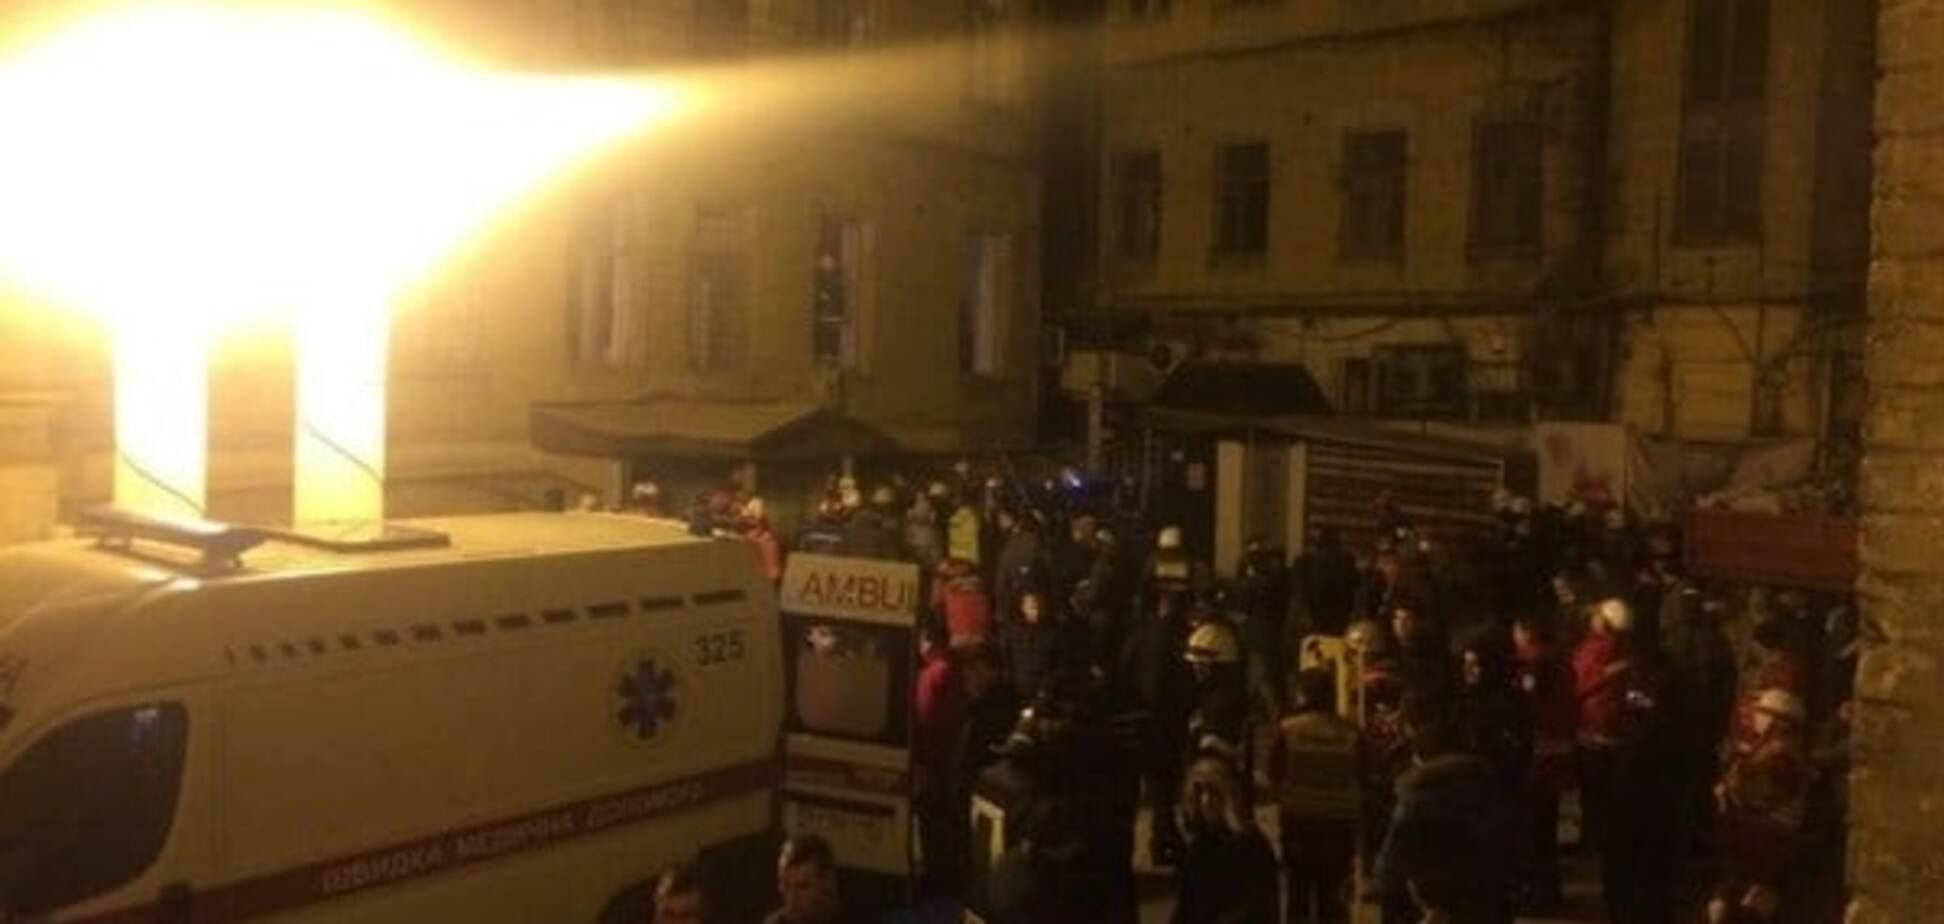 Обвал будинку в Києві: на рятувальників у будь-який момент може впасти фасадна стіна